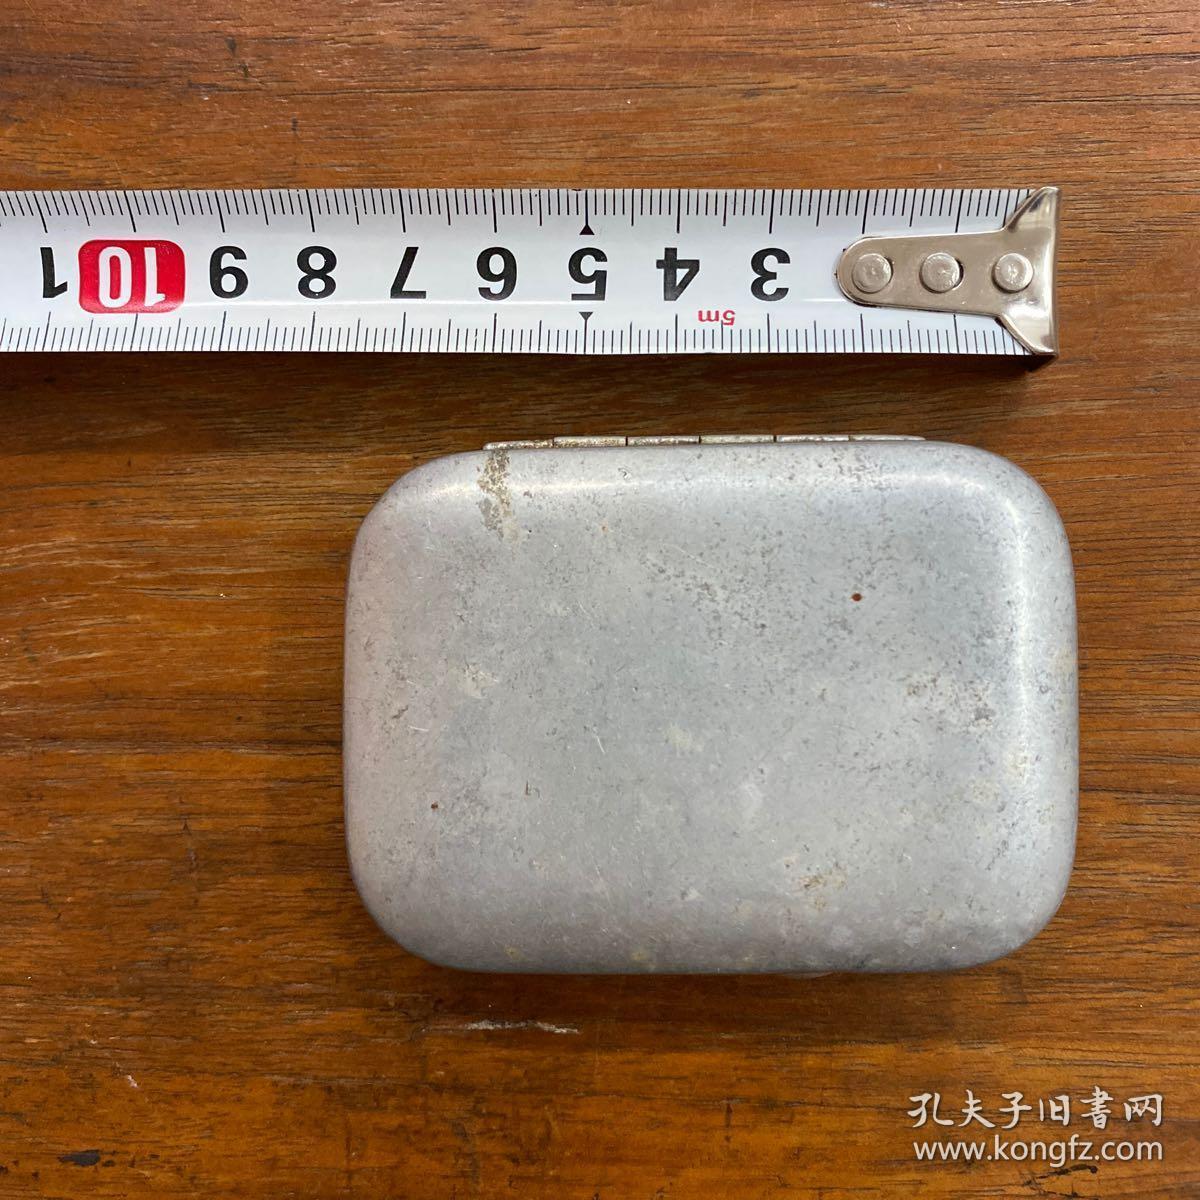 解放初期 医用酒精棉球收纳盒 老物件 铝盒